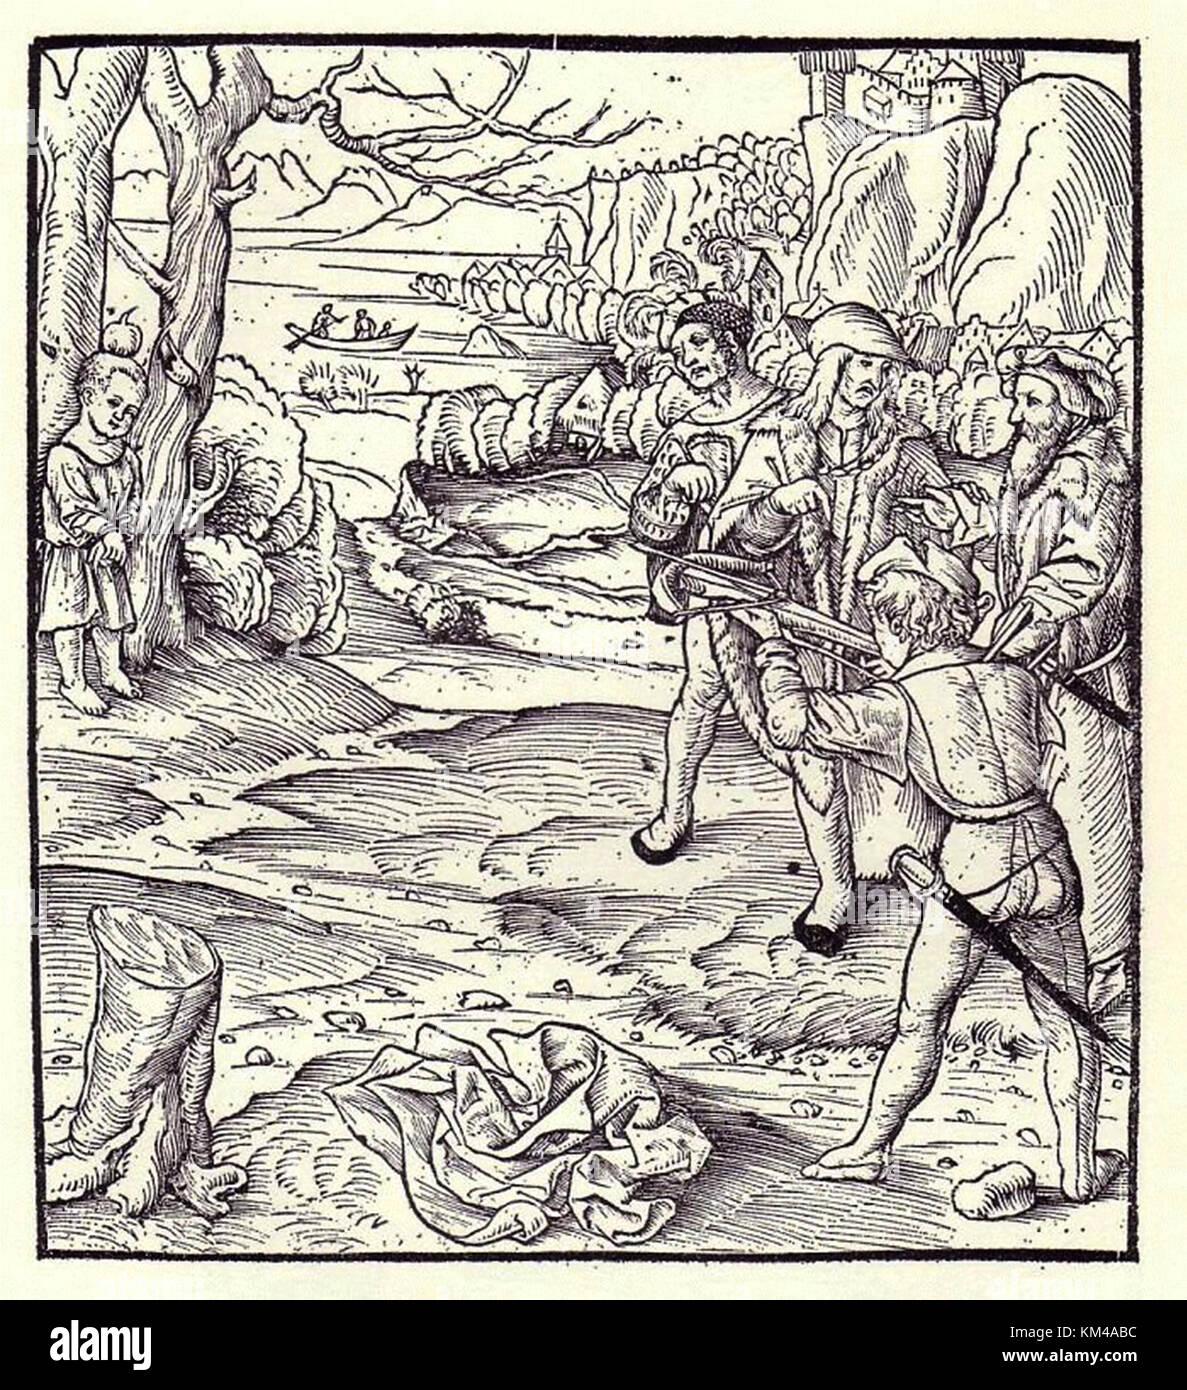 Guglielmo Tell, una rappresentazione della mela scena. Guglielmo Tell è un eroe popolare della Svizzera Immagini Stock